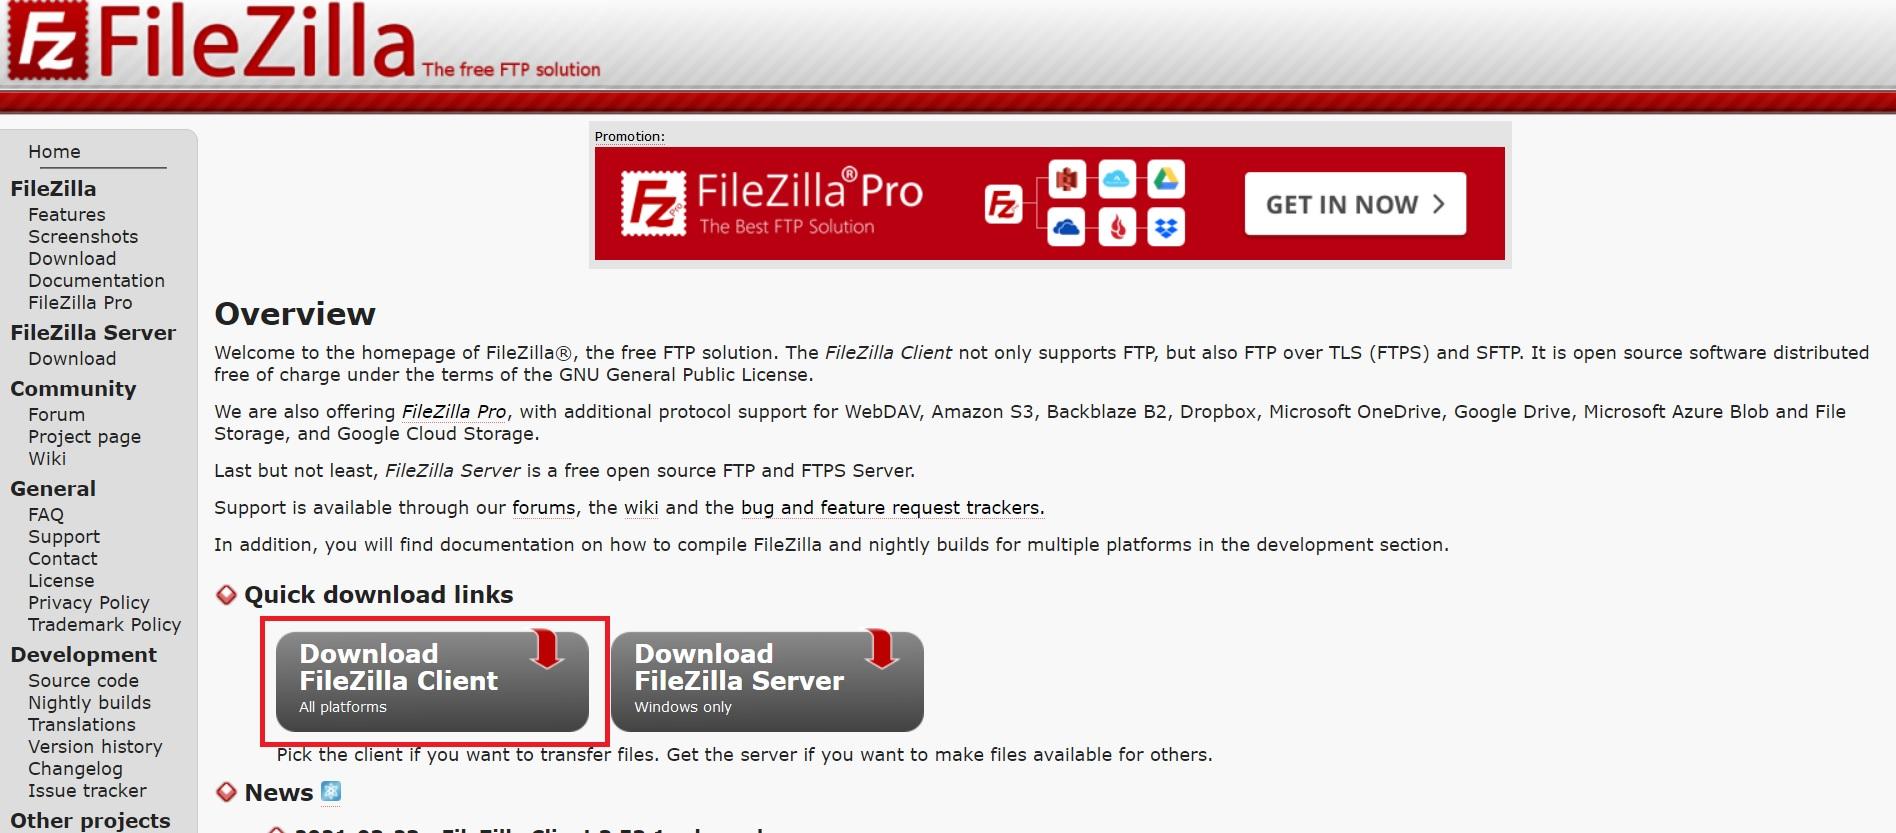 دانلود نرم افزار Filezilla